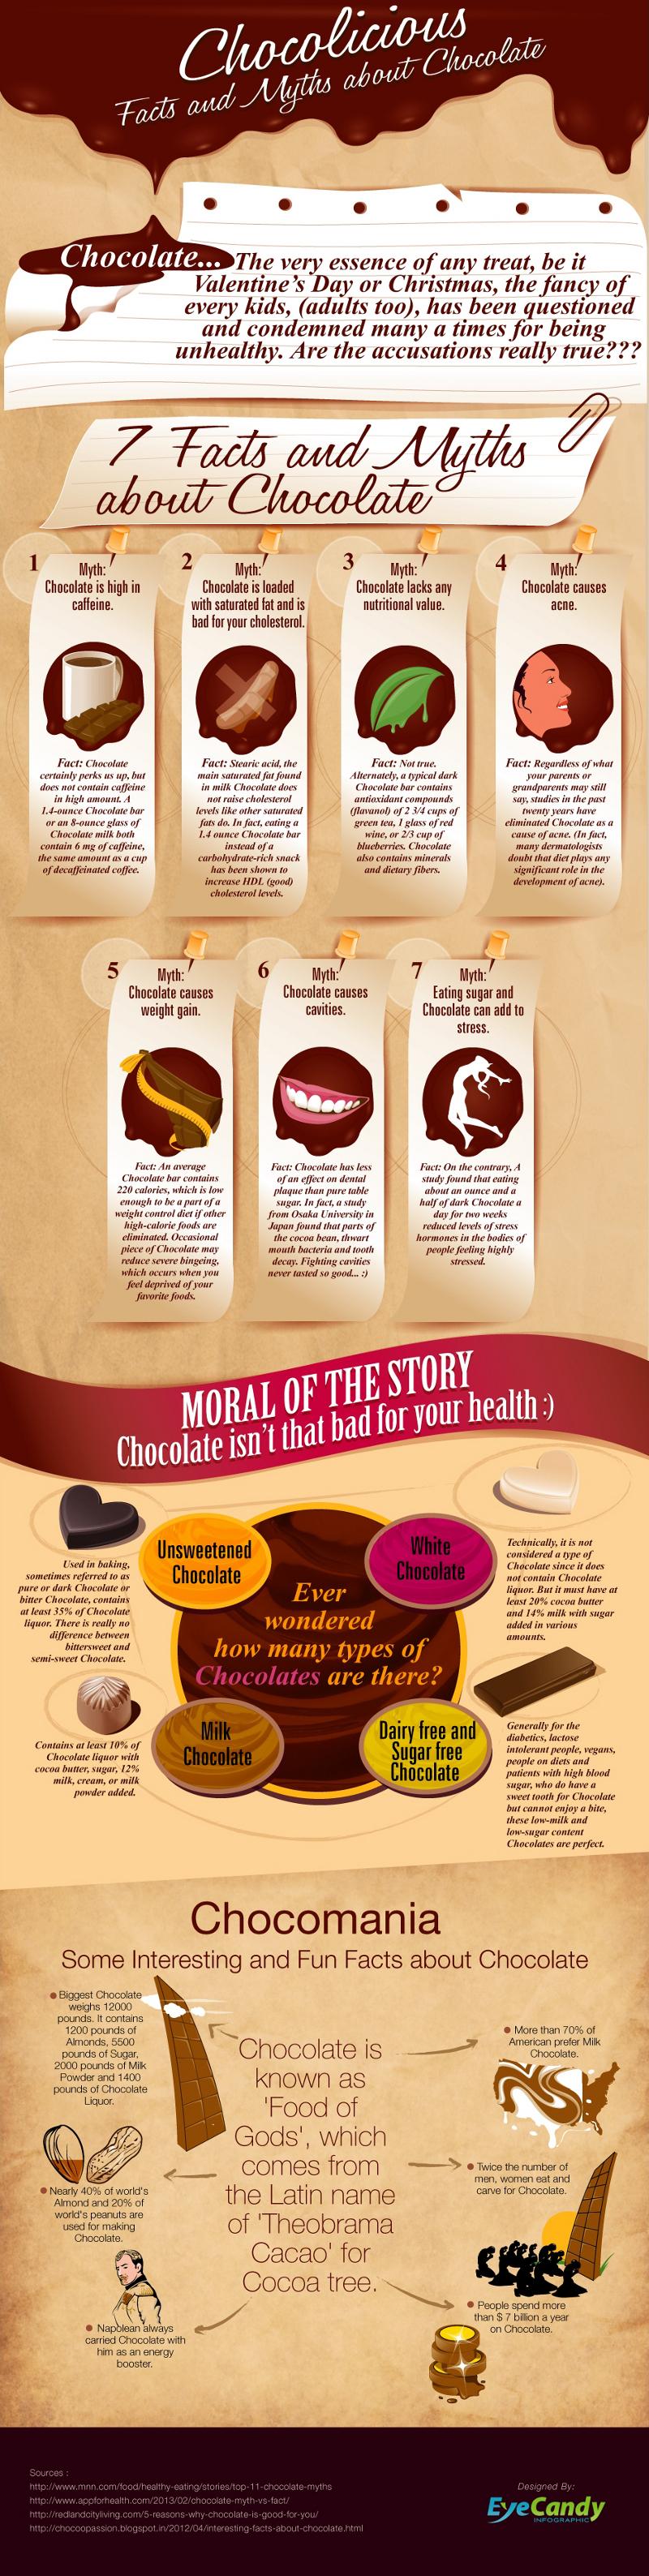 Common Chocolate Myths